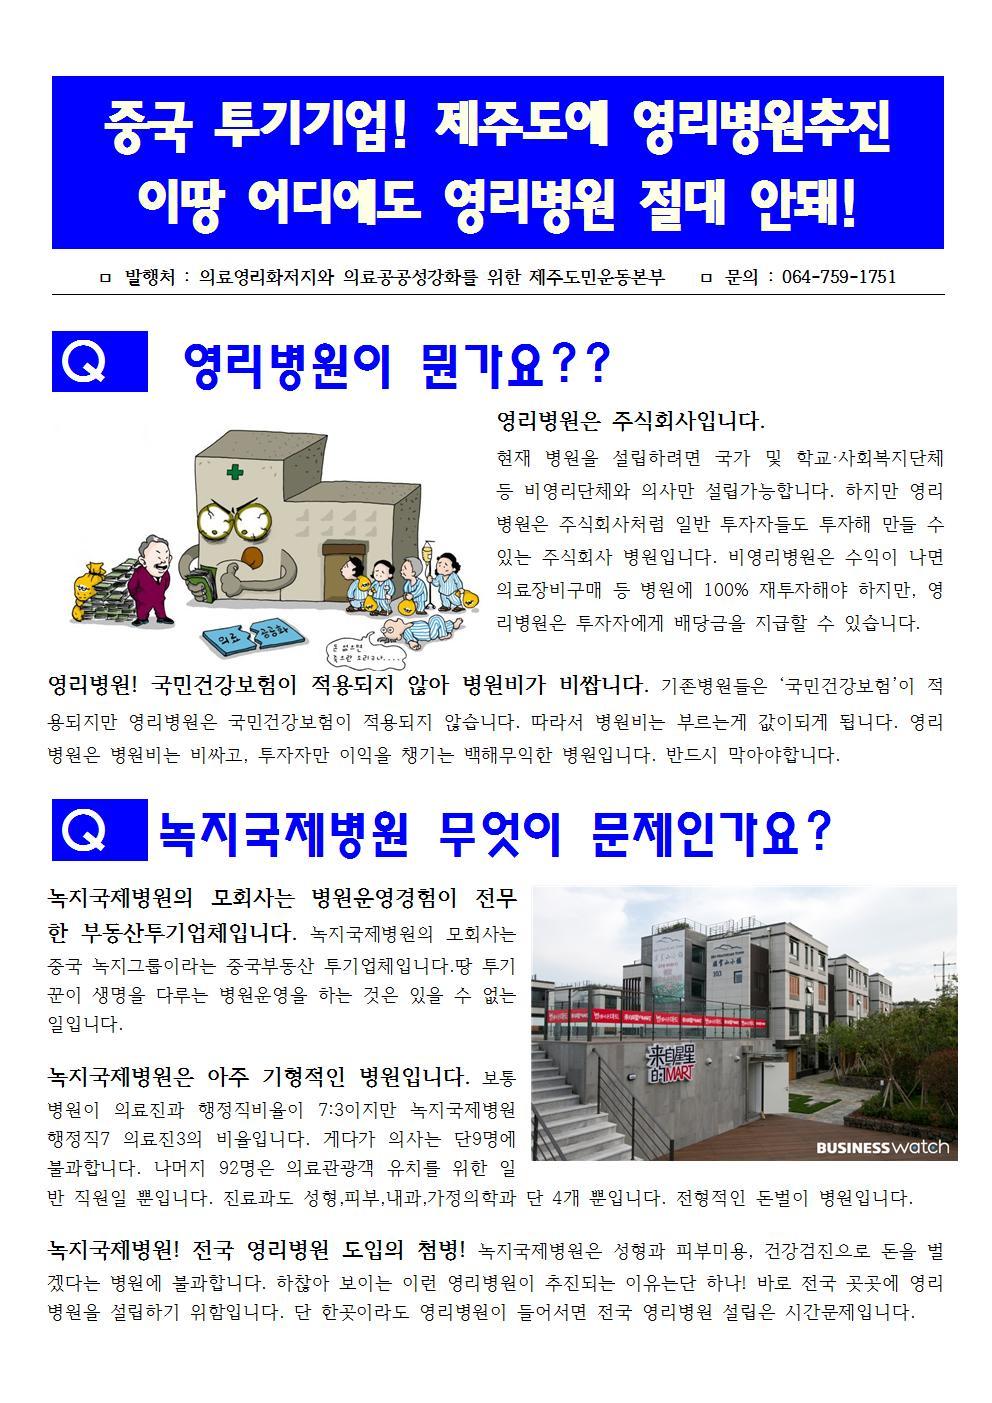 영리병원 선전물(서울용) (1)001.jpg